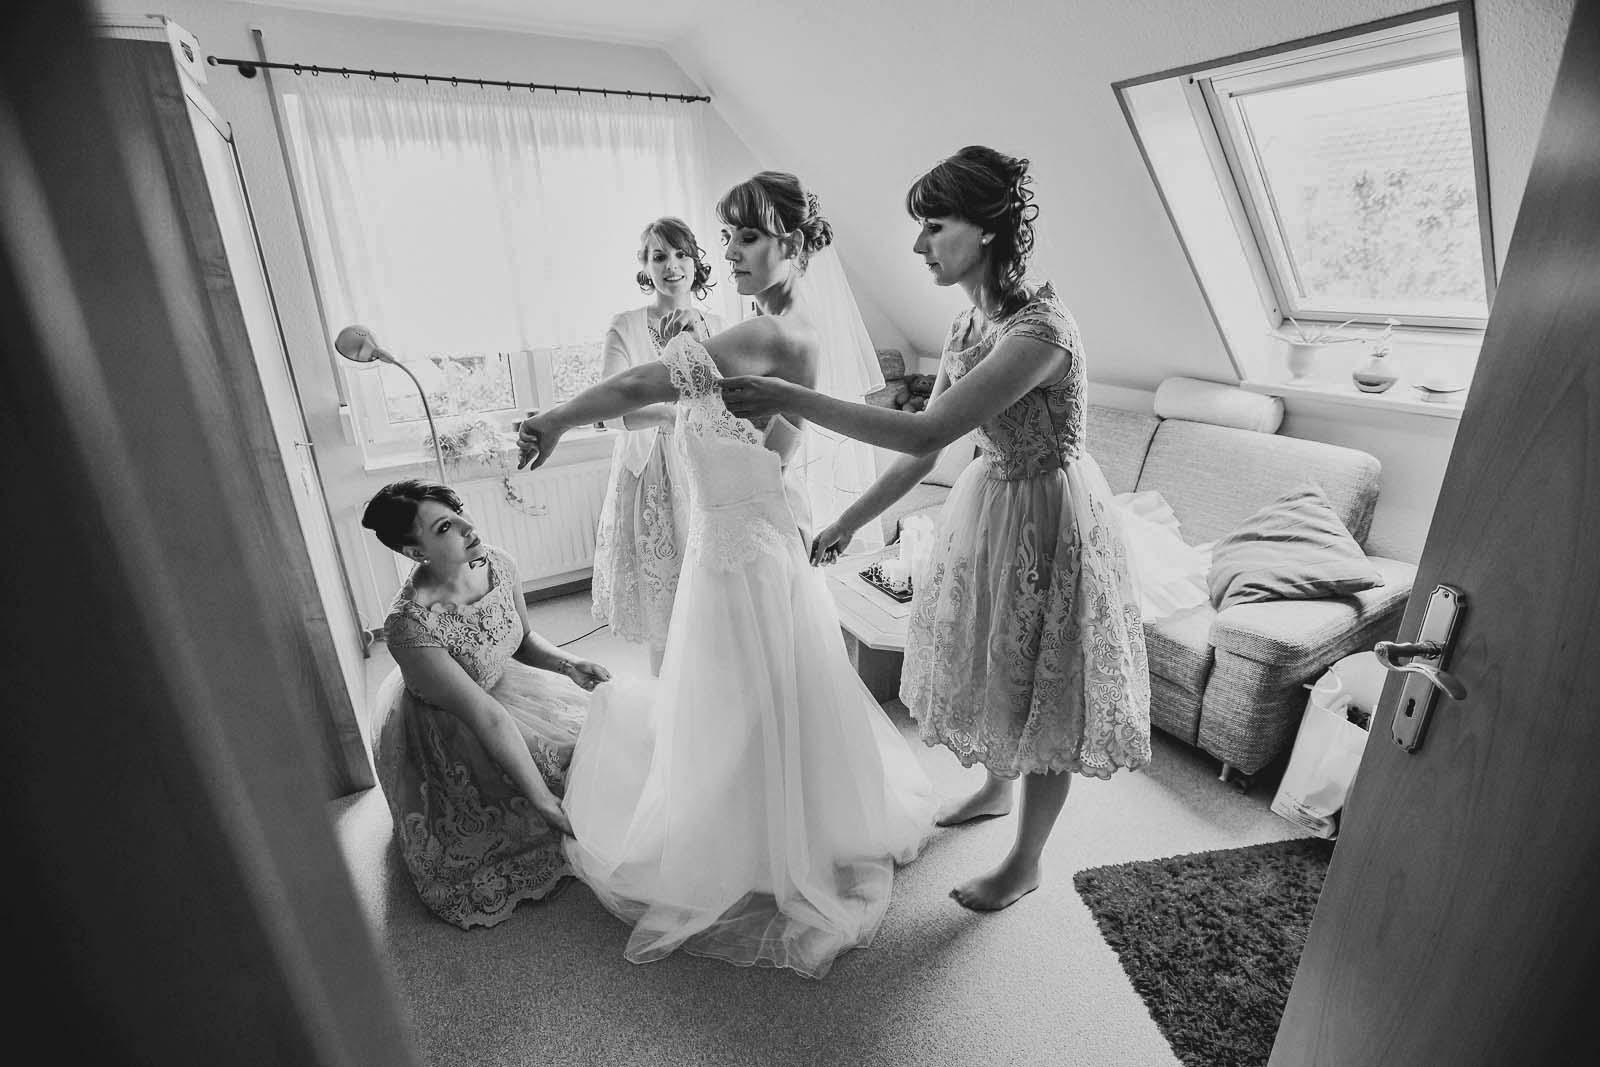 Hochzeitsfotograf Schwerin begleitet eine Braut mit Brautjungfern bei den Vorbereitungen Copyright by Hochzeitsfotograf www.berliner-hochzeitsfotografie.de